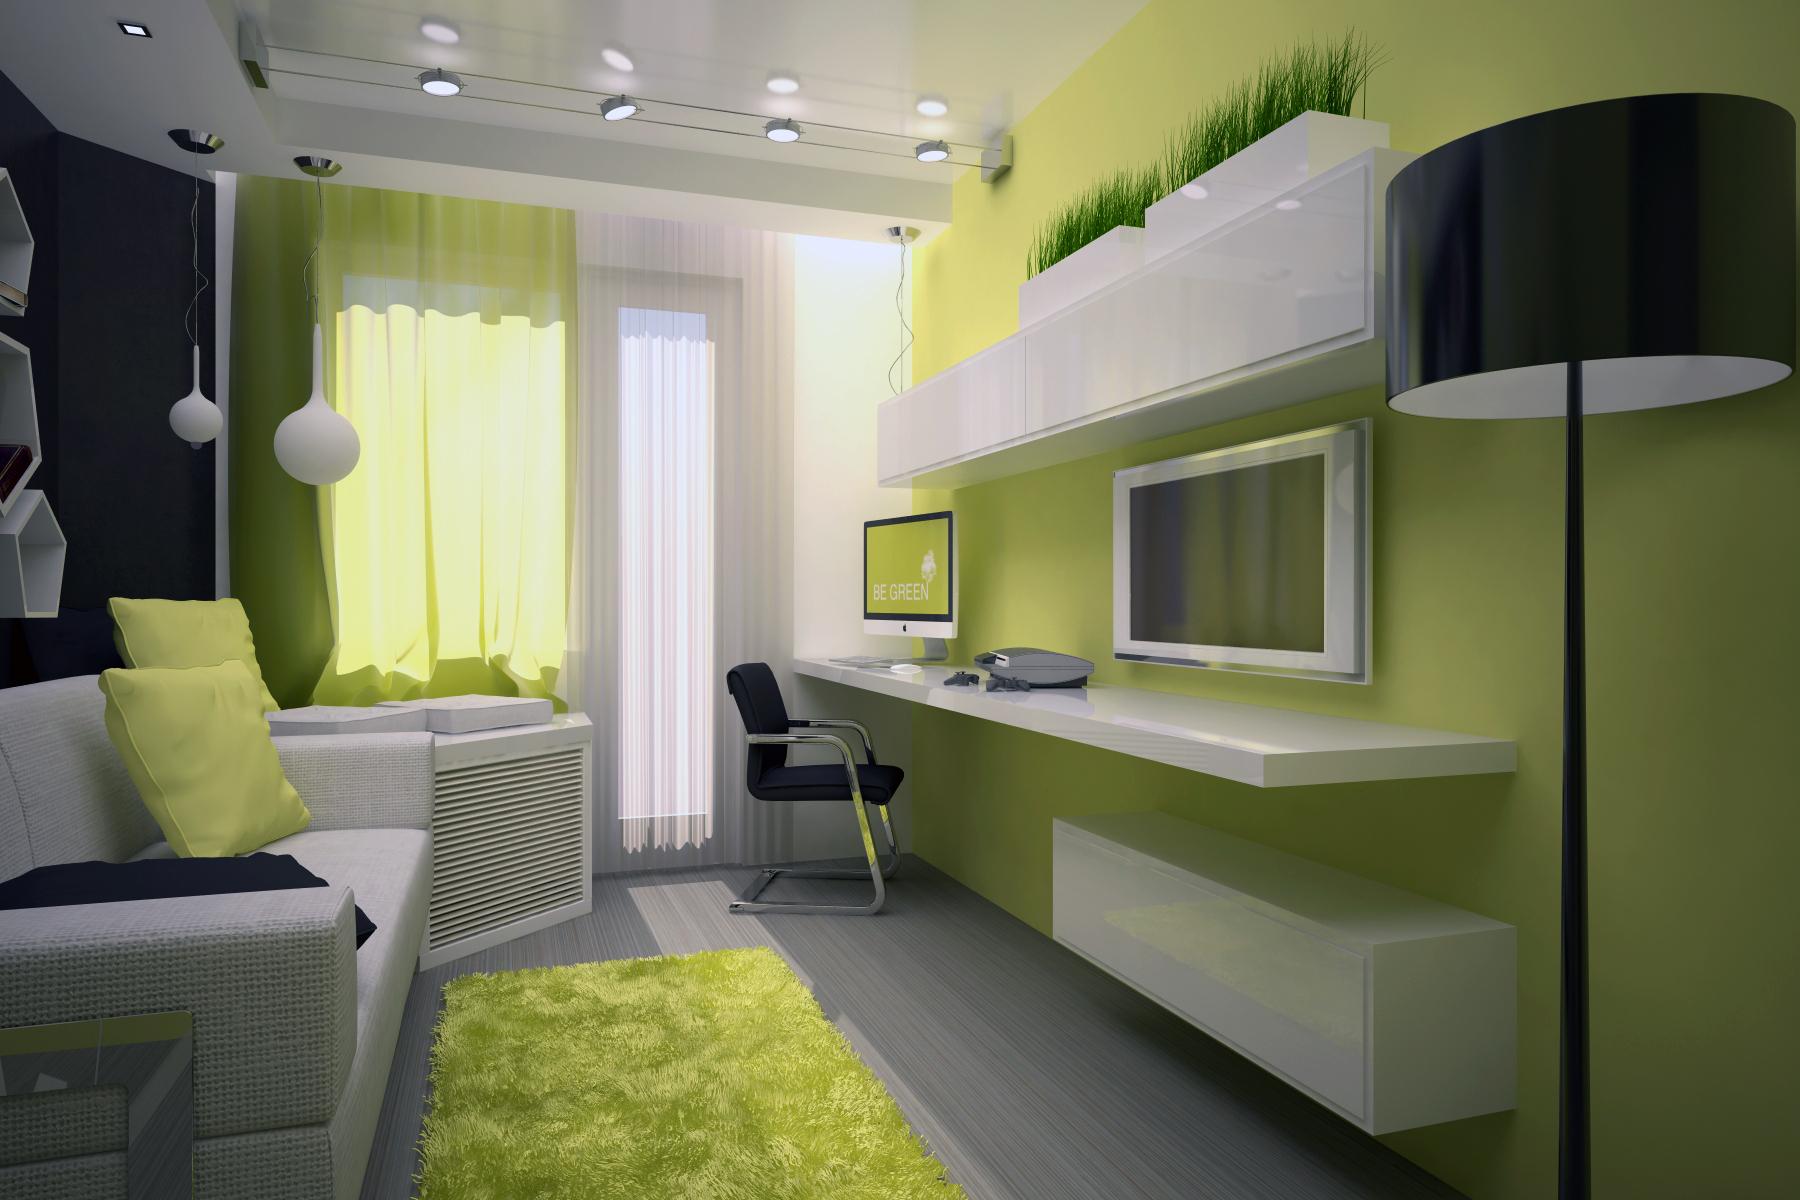 планировка комнаты 9 кв.м фото